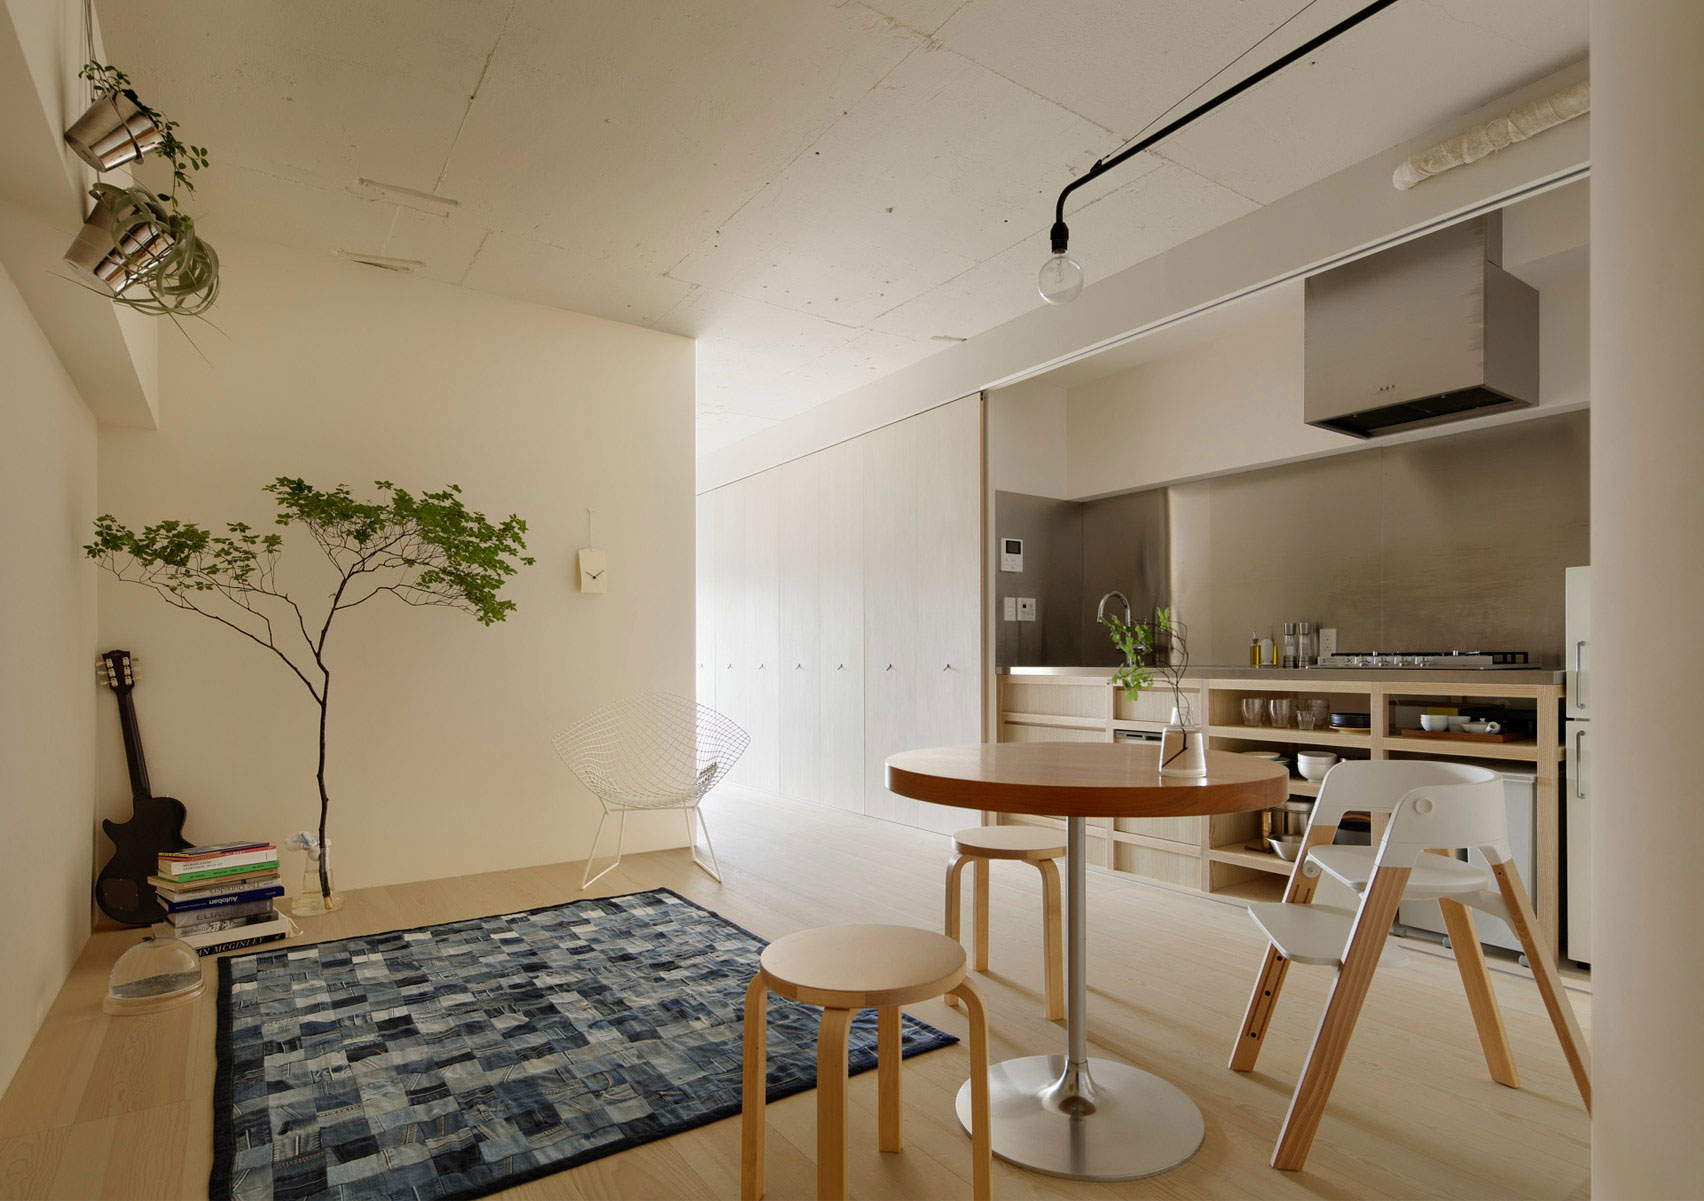 ksl homes for rent west valley